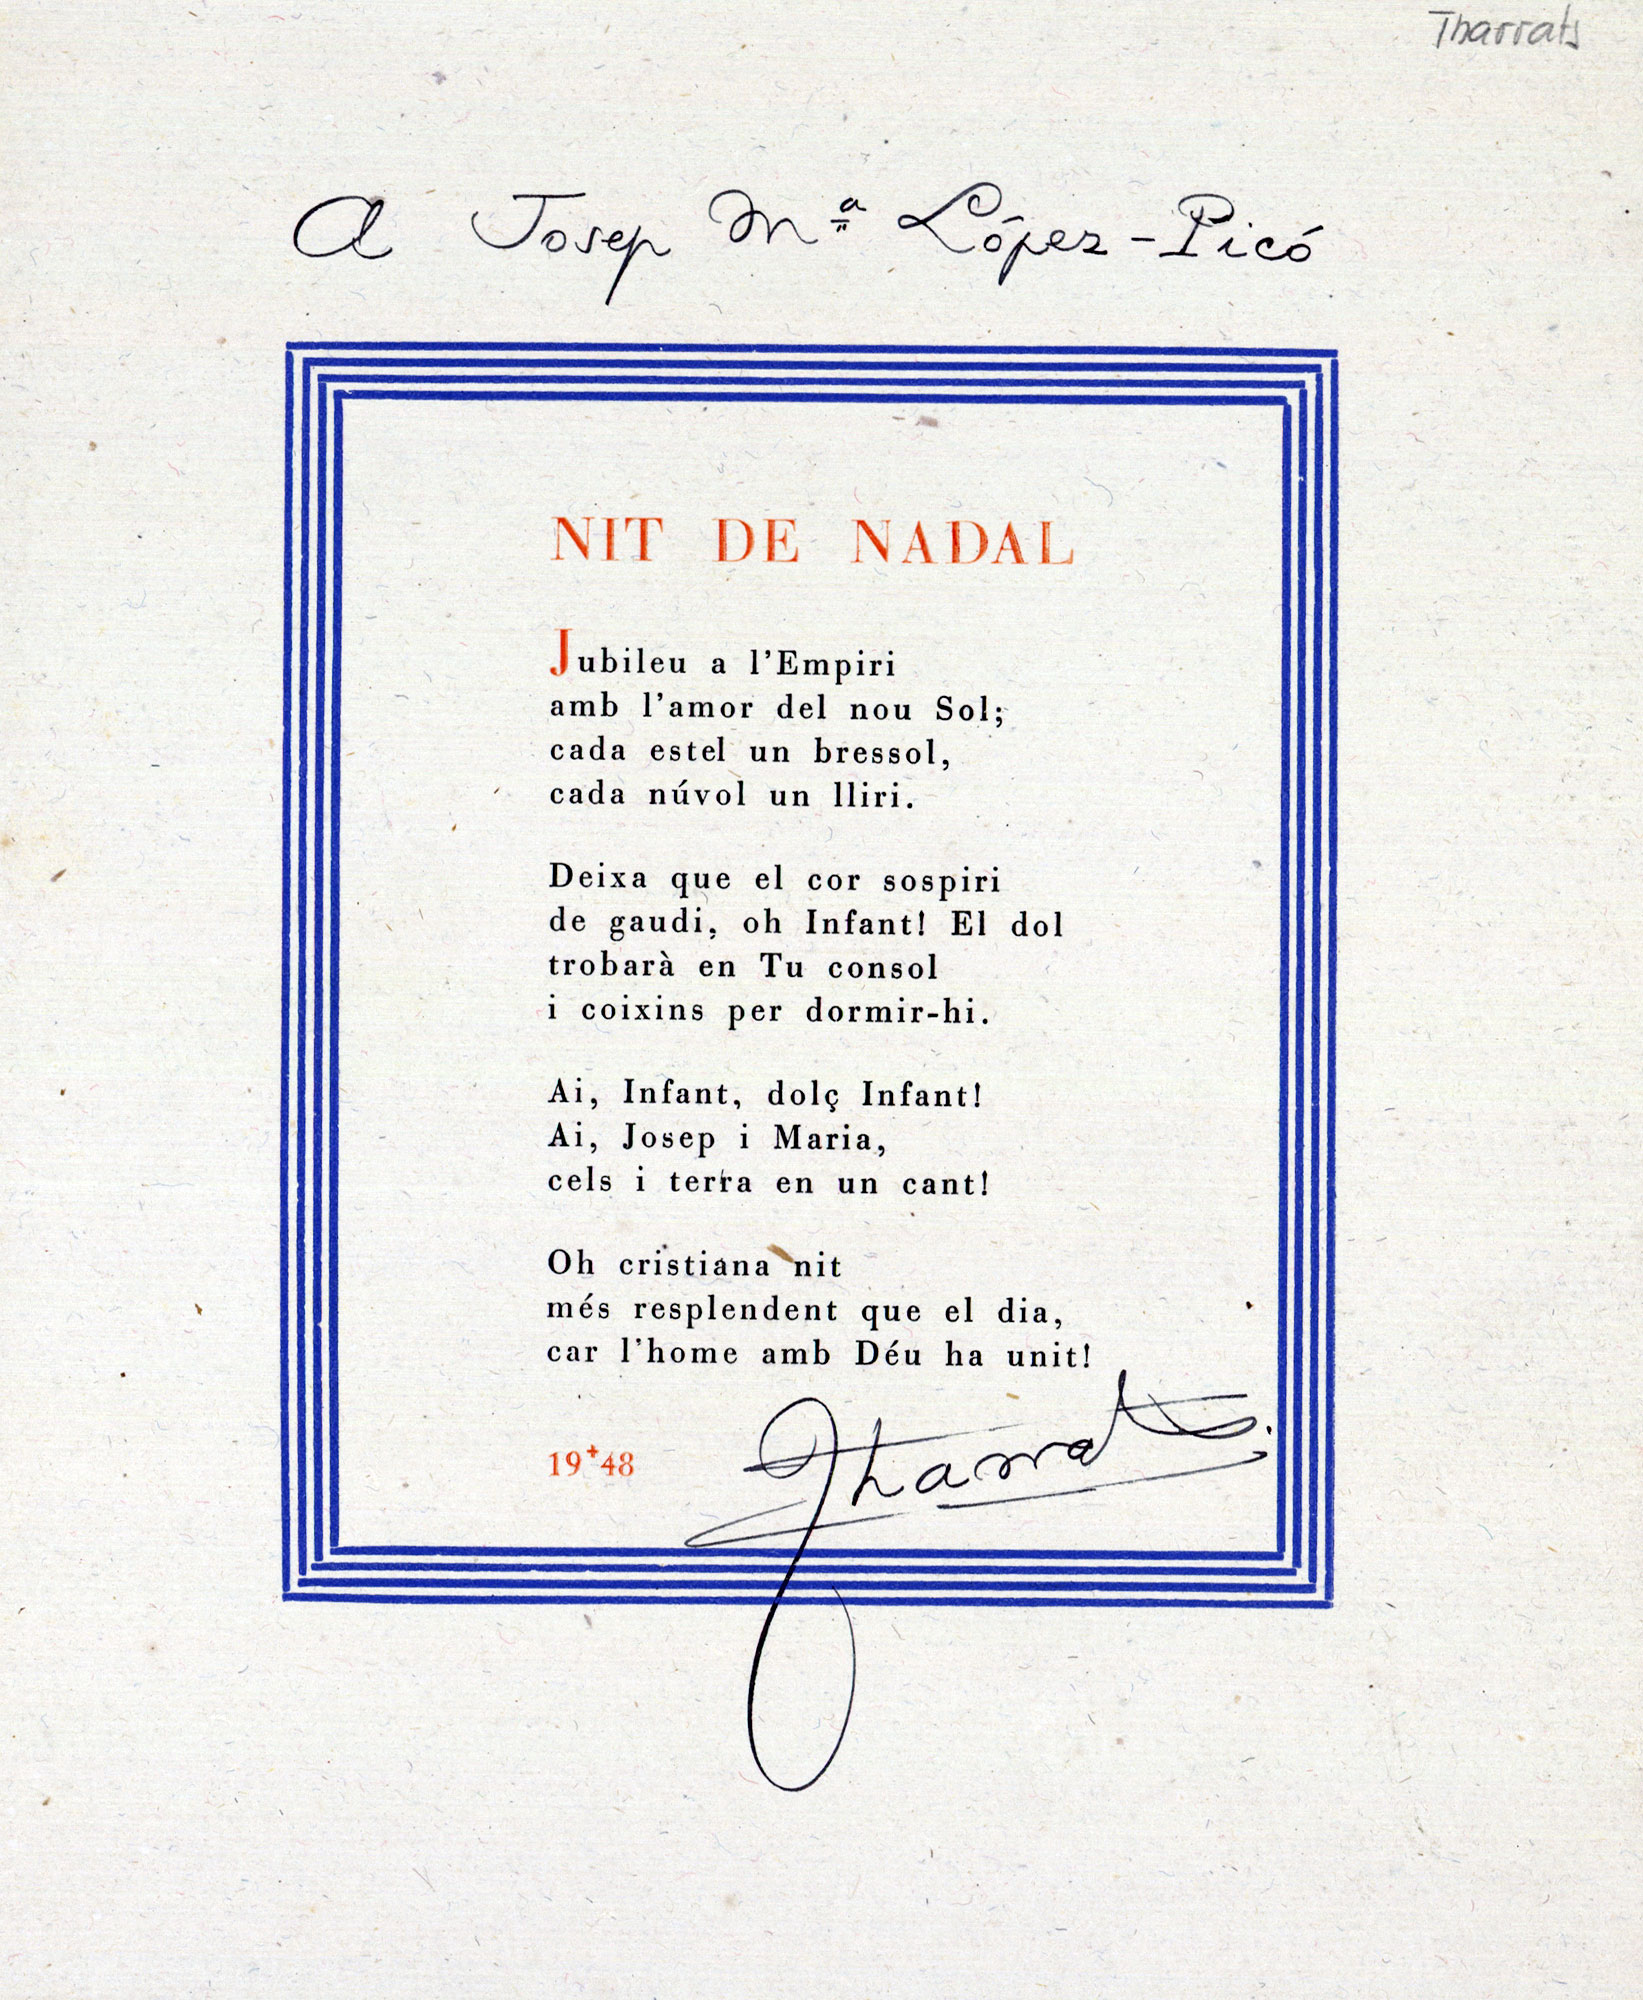 Página con el poema Nit de Nadal, del 1948, dedicado a José María López-Picó